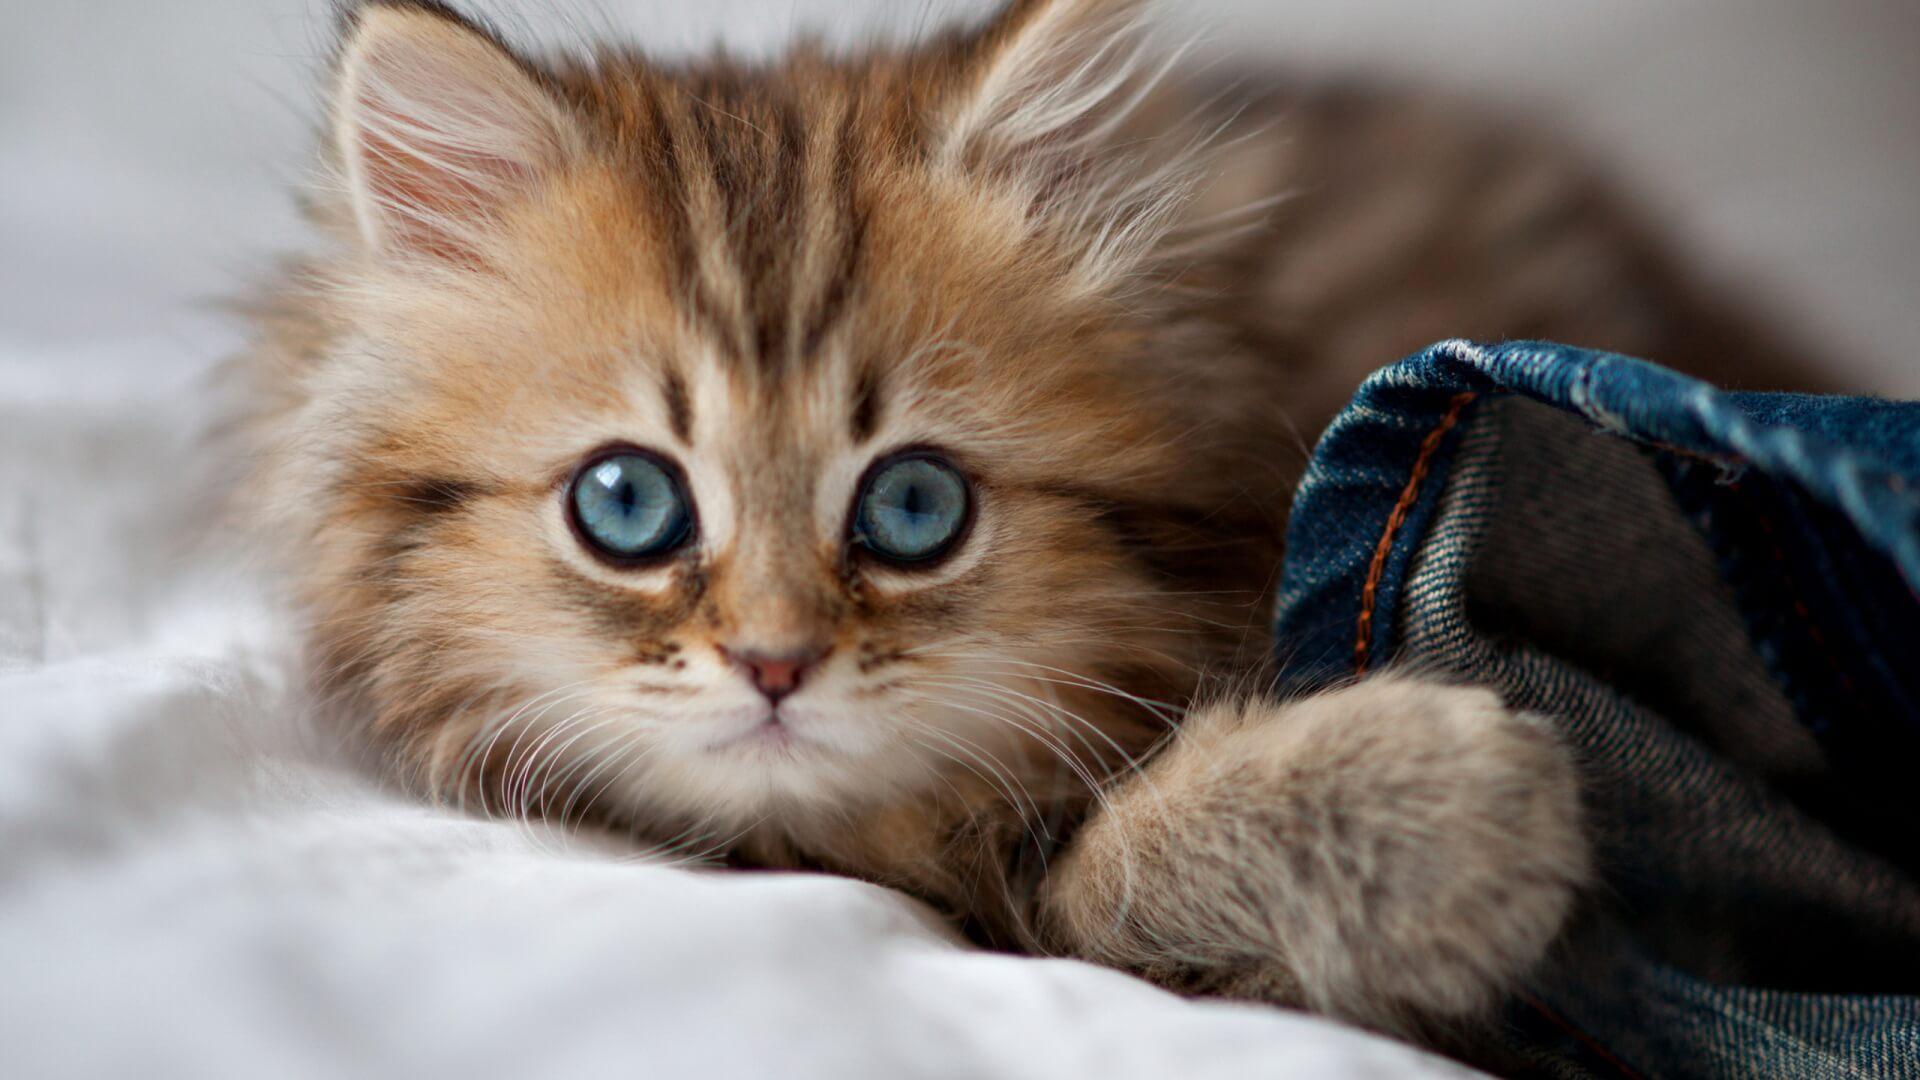 Подборка милых котов и кошек в картинках 2